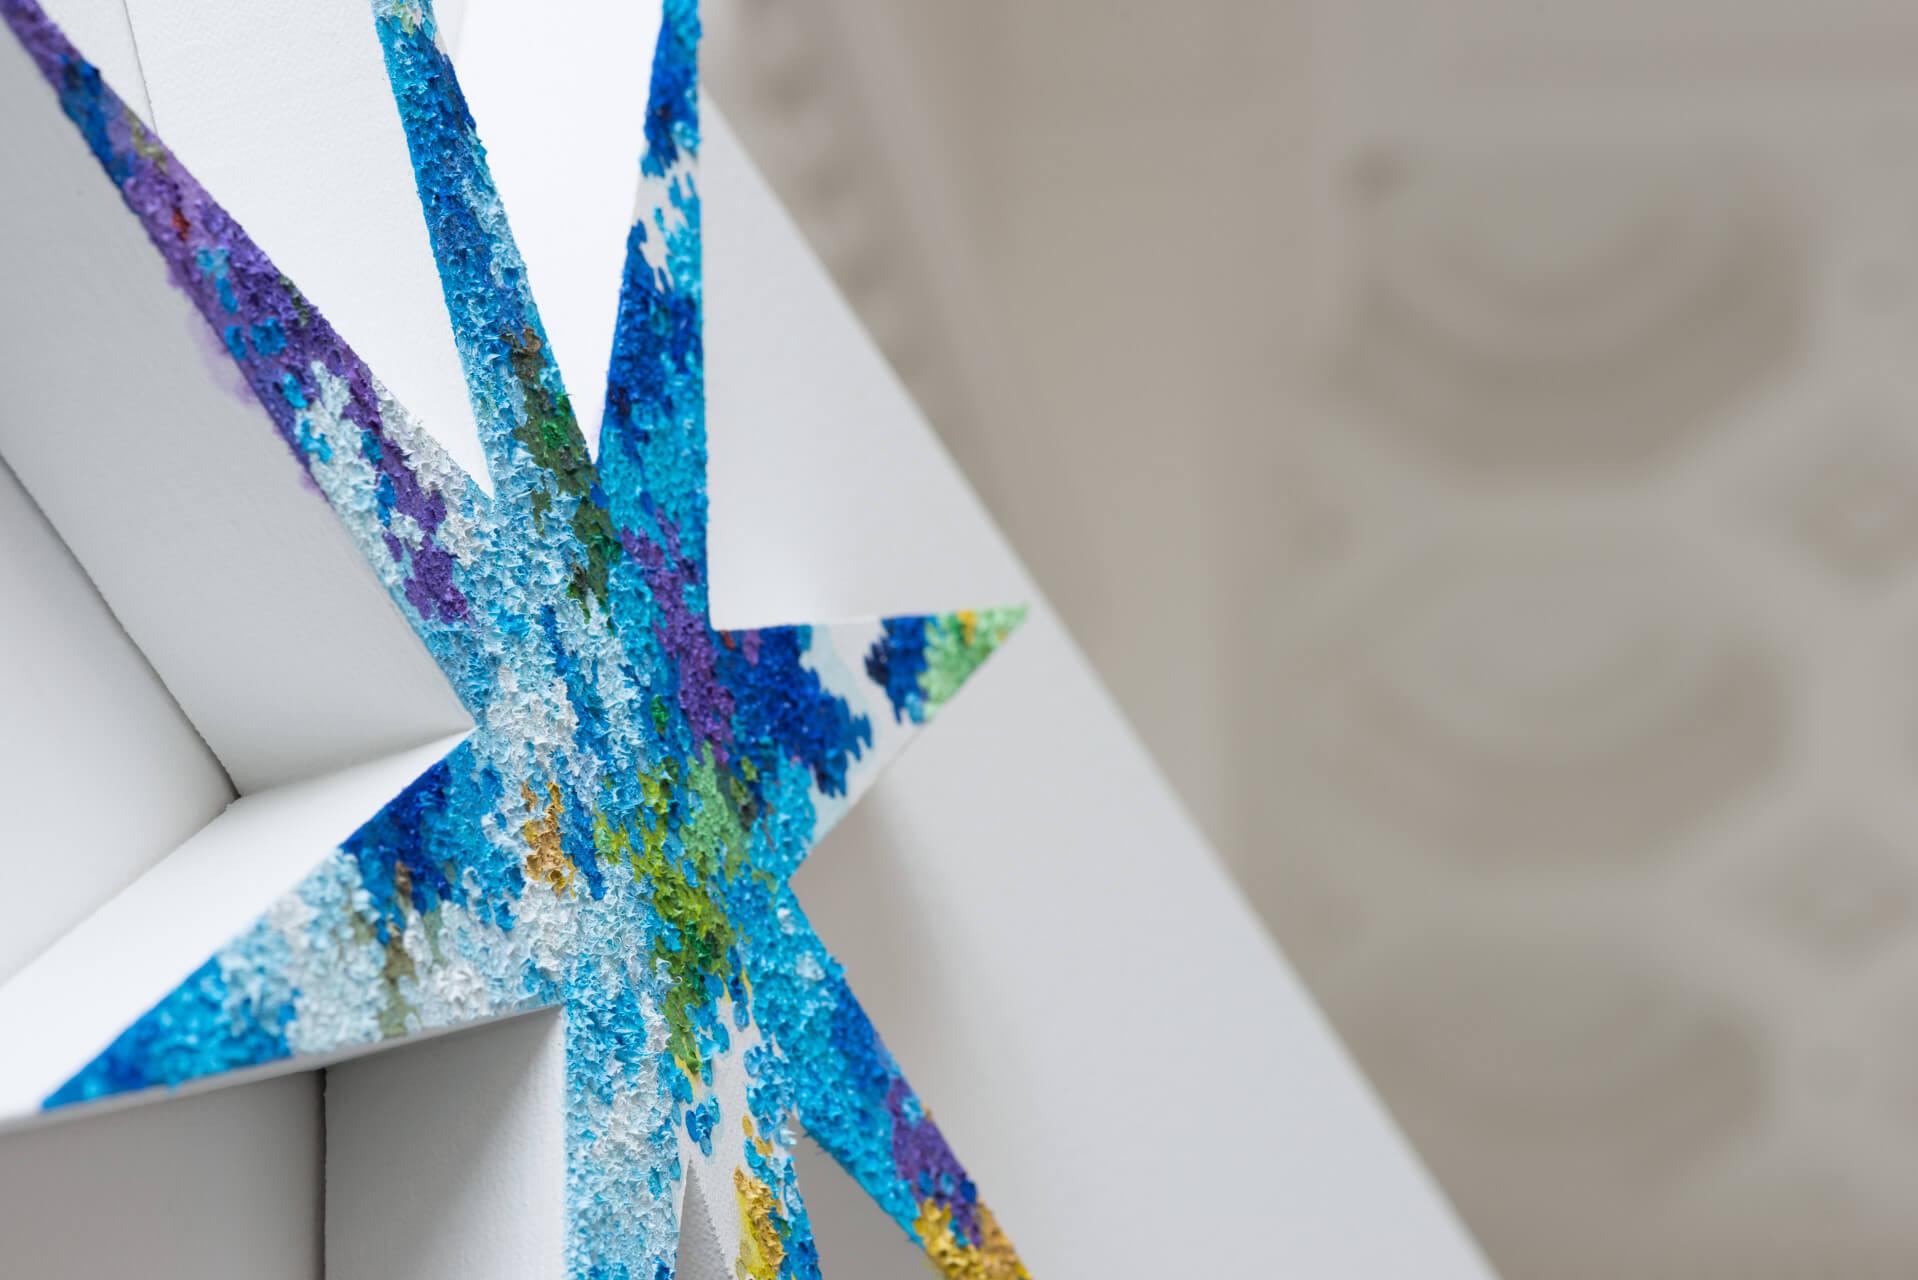 内海展展示風景 現代美術・アート Contemporary Art オフソサエティ offsociety